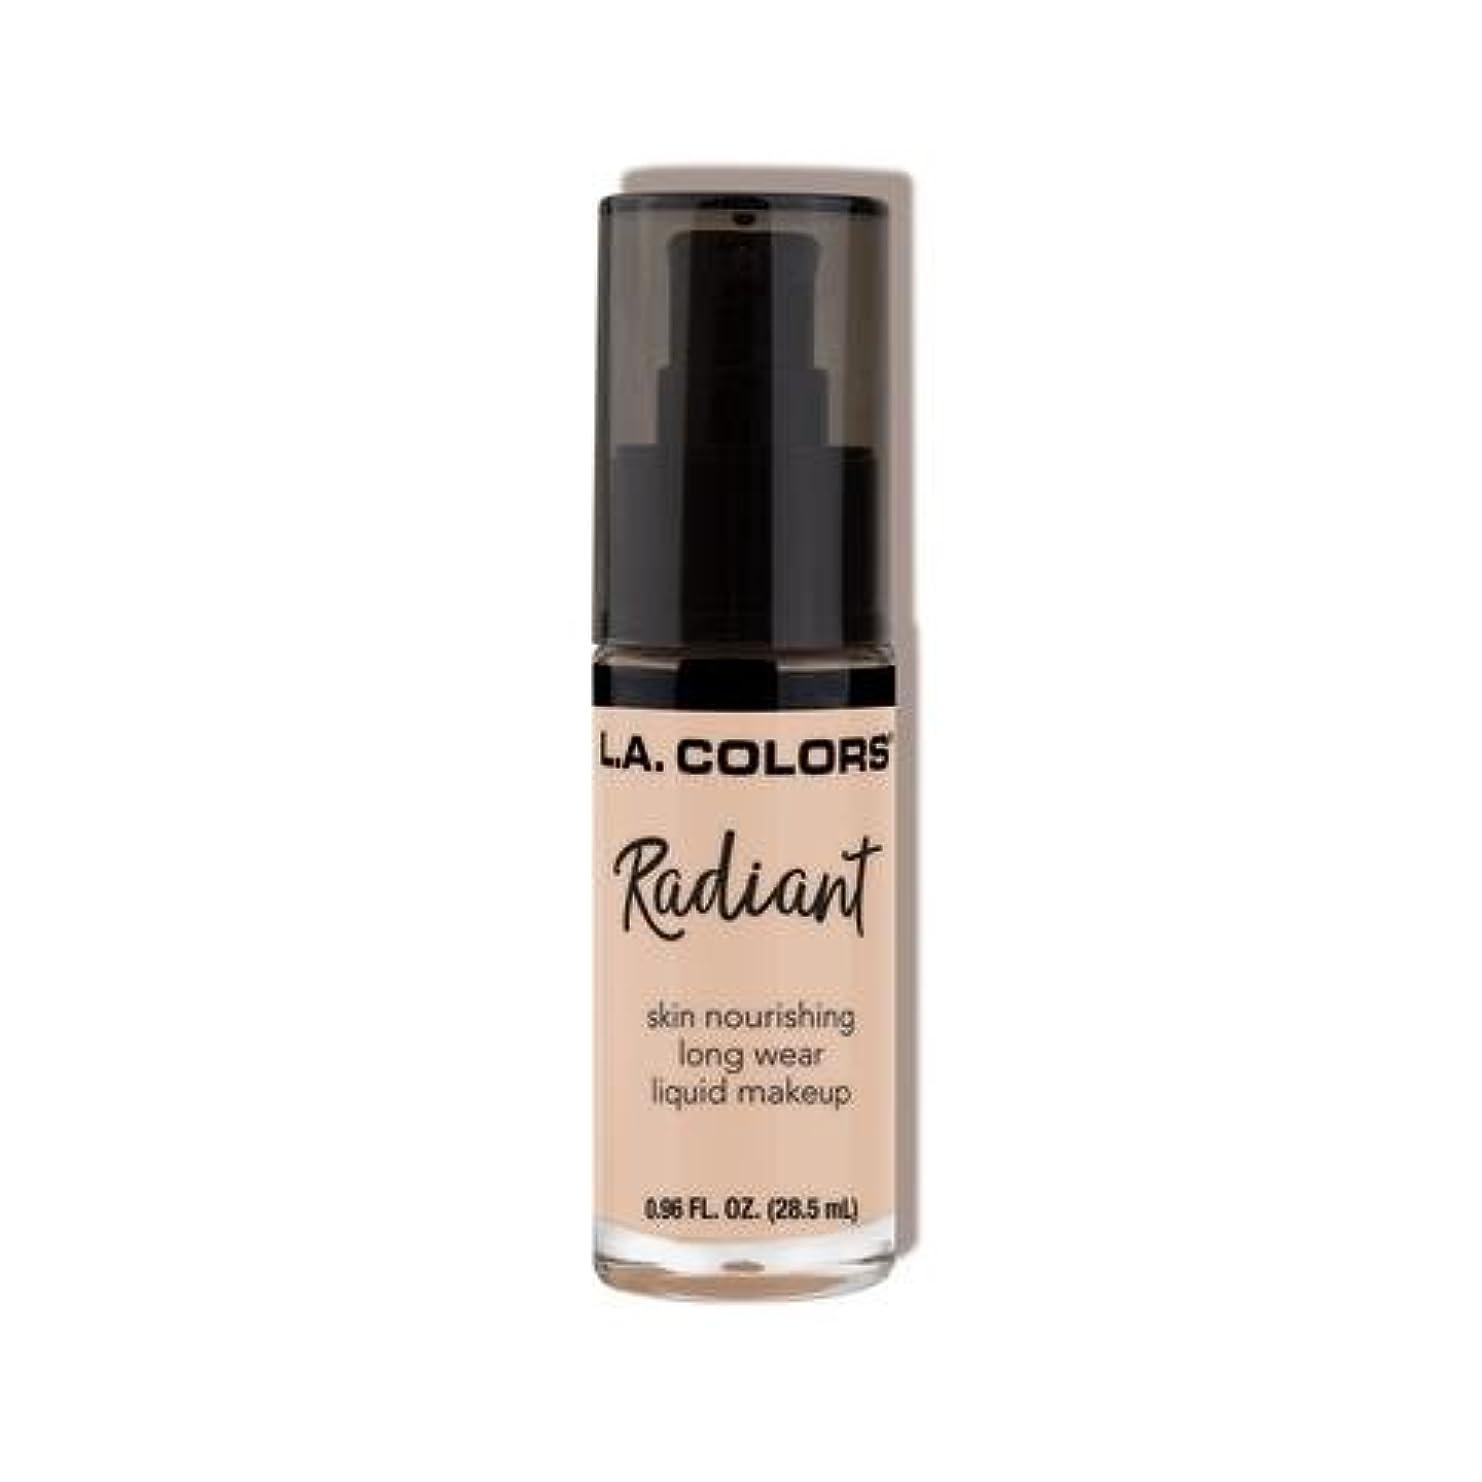 聡明サミュエルバラバラにする(3 Pack) L.A. COLORS Radiant Liquid Makeup - Ivory (並行輸入品)